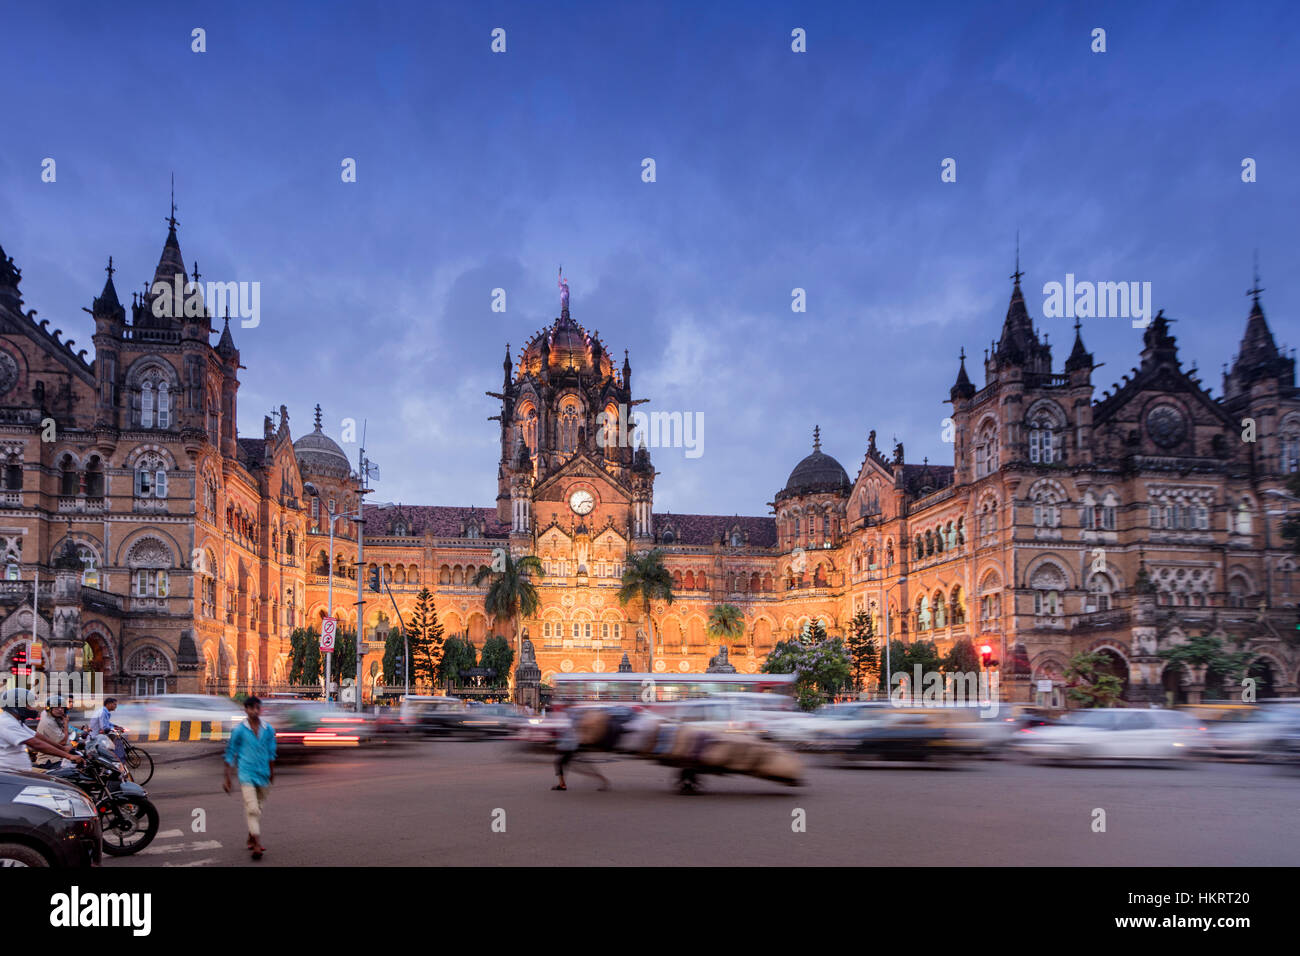 Chhatrapati Shivaji or Victoria Terminus train station & UNESCO World Heritage Site, built by the British - Stock Image